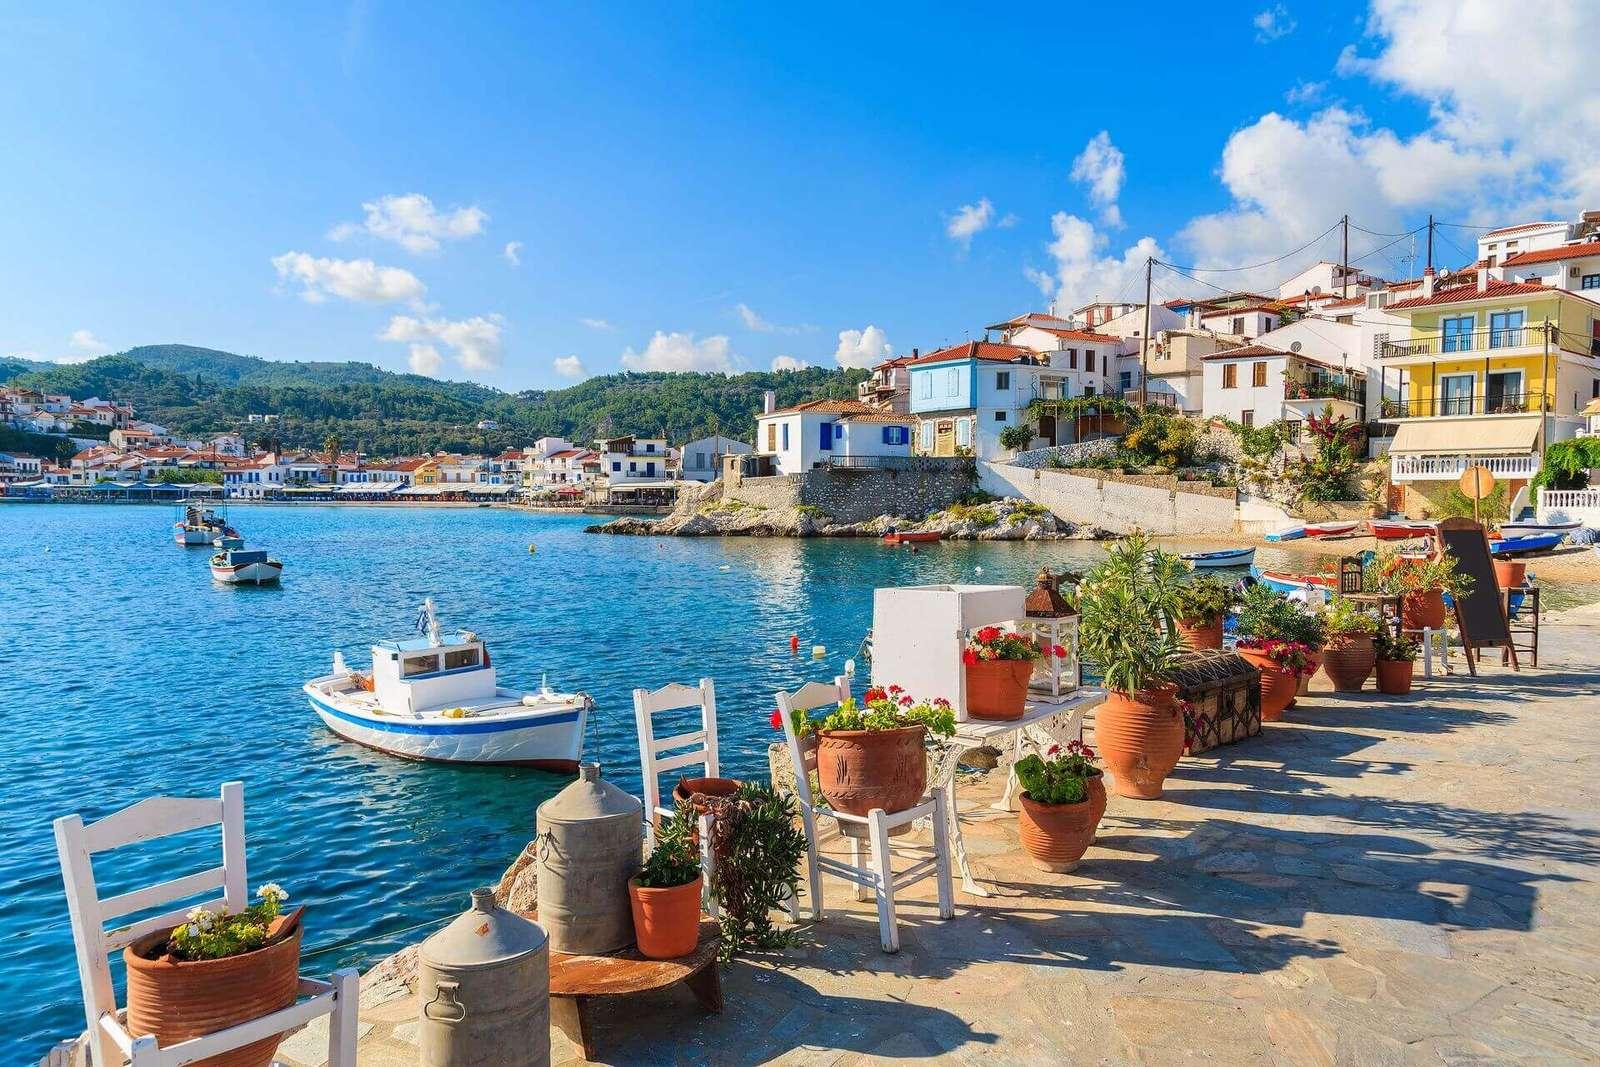 A vízparton, Görögországban - Kilátás. Görög sziget. Virágok a vízparton, Görögországban. Kilátás............... M (10×10)